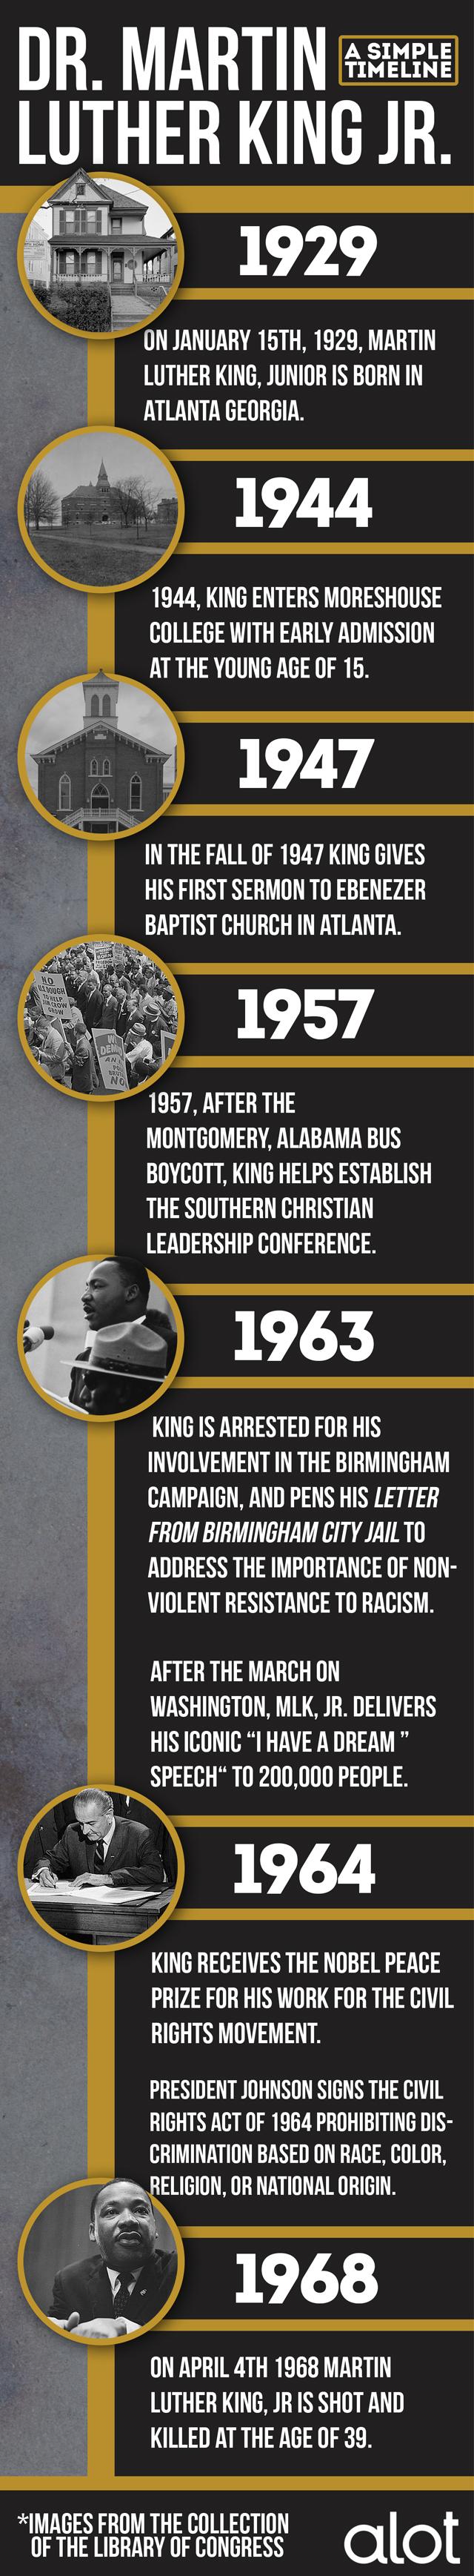 Dr. Martin Luther King Jr. - A Sample Timeline